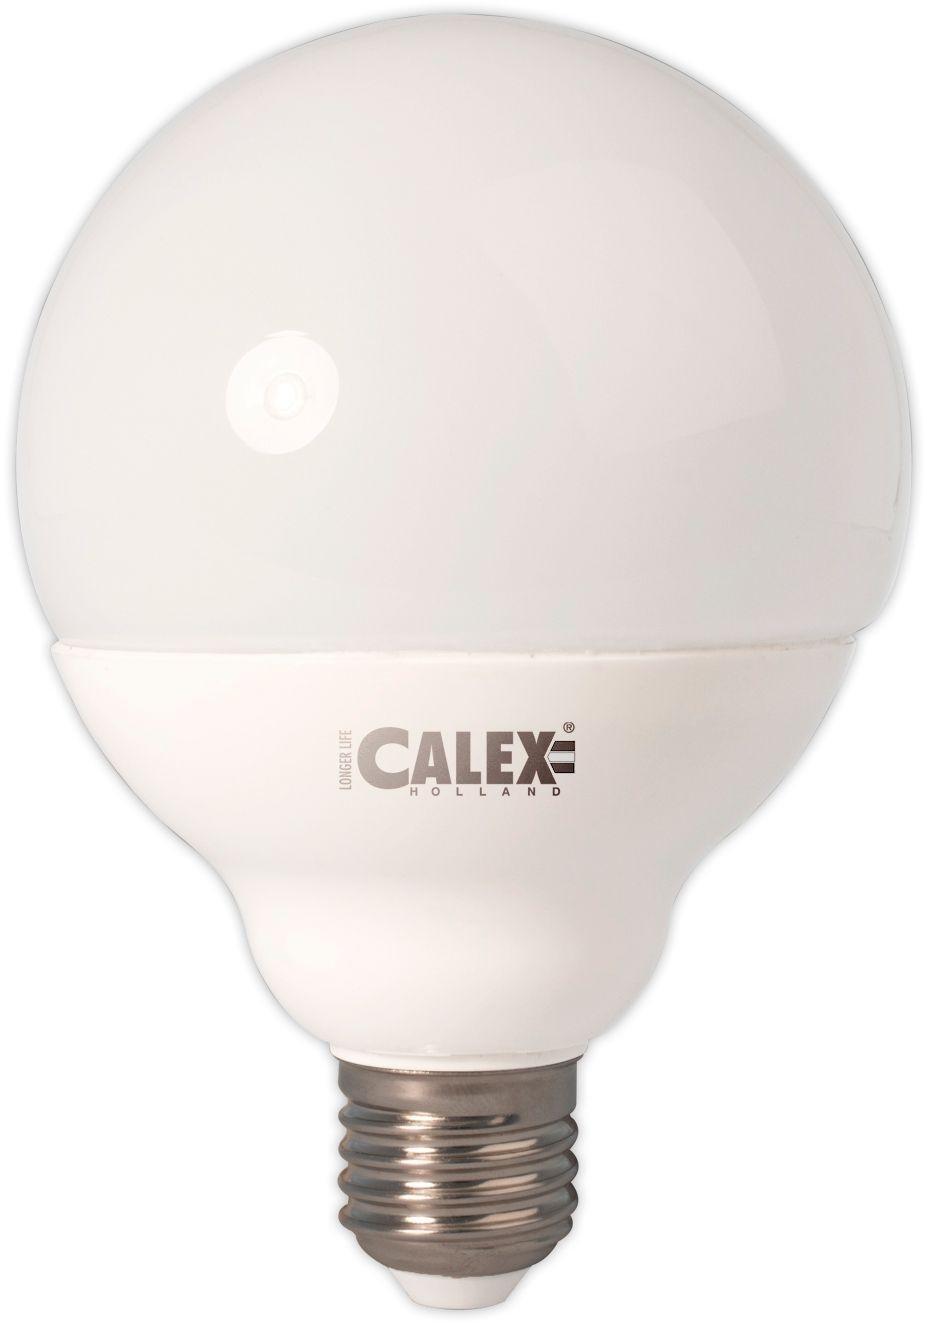 Image of Calex 11W Warm White Opal Globe Lamp E27 Dimm Bulb